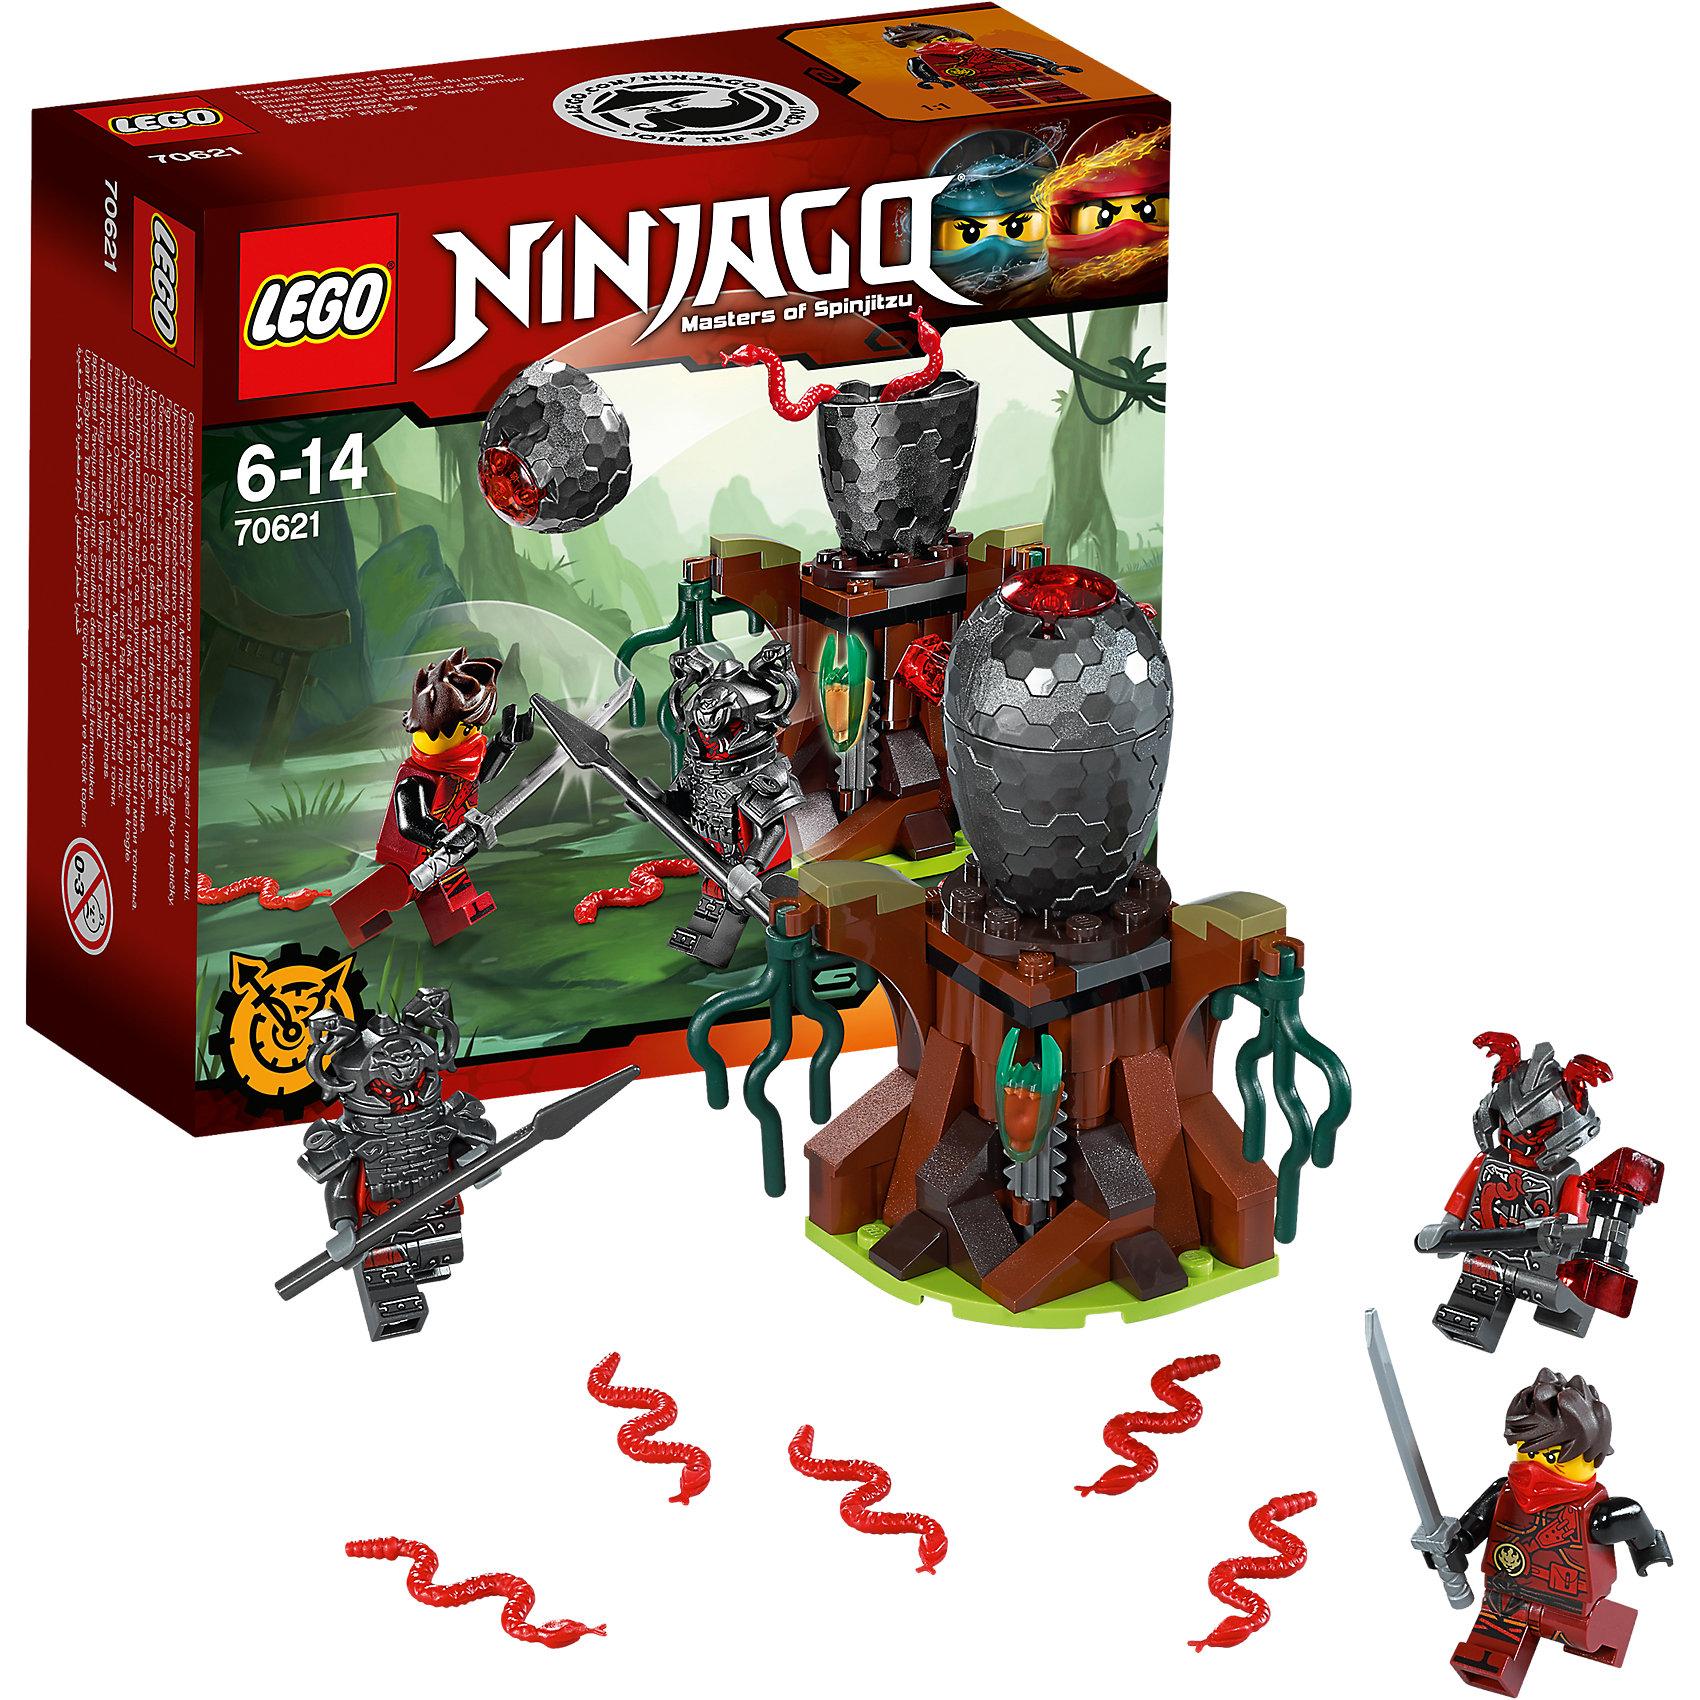 LEGO NINJAGO 70621: Атака Алой армииПластмассовые конструкторы<br>LEGO NINJAGO 70621: Атака Алой армии<br><br>Характеристики:<br><br>- в набор входит: детали машины и подставки, 3 минифигурки, 1 клинок времени, аксессуары, красочная инструкция по сборке<br>- минифигурки набора: Кай, Риветт, Слэкджо<br>- состав: пластик<br>- количество деталей: 83<br>- размер яйца вермиллионов: 10 * 7 * 7 см. <br>- для детей в возрасте: от 6 до 14 лет<br>- Страна производитель: Дания/Китай/Чехия<br><br>Легендарный конструктор LEGO (ЛЕГО) представляет серию «NINJAGO» (Ниндзяго) - это увлекательный мир воинов ниндзя против зла. Ребенку понравятся разнообразие приключений и возможности новых игр. <br><br>Большой детализированный пень с водорослями и аксессуарами стал пристанищем для вермиллионов, на нем расположено их огромное яйцо. Внутри пня находится механизм, который открывает яйцо, как будто он само треснуло и раскрылось. Внутри яйца находится пять вермиллионов, красных болотных змей, с ними и придется бороться ниндзям. Новый костюм Кая очень ему идет, новые рисунки, отличная маска и объемная прическа делают его еще более реалистичным, он вооружен серебрянной катаной. <br><br>Злодей Риветт представлен в тяжелом доспехе, на его шлеме расположены две змеи, под доспехами фигурка разрисована и все еще выглядит угрожающе, у фигурки два выражения лица. Второй злодей, Слэкджо, выступает в объемном шлеме и с большим молотом, у него также два лица. С помощью особых сил они хотят завладеть временем и вселенной Ниндзяго. Помоги Каю применить клинок времени и победить злодеев Алой армии. <br><br>Играя с конструктором ребенок развивает моторику рук, воображение и логическое мышление, научится собирать по инструкции и создавать свои модели. Придумывайте новые истории любимых героев с набором LEGO «NINJAGO»!<br><br>Конструктор LEGO NINJAGO 70621: Атака Алой армии можно купить в нашем интернет-магазине.<br><br>Ширина мм: 160<br>Глубина мм: 142<br>Высота мм: 63<br>Вес г: 126<br>Возраст от месяцев: 